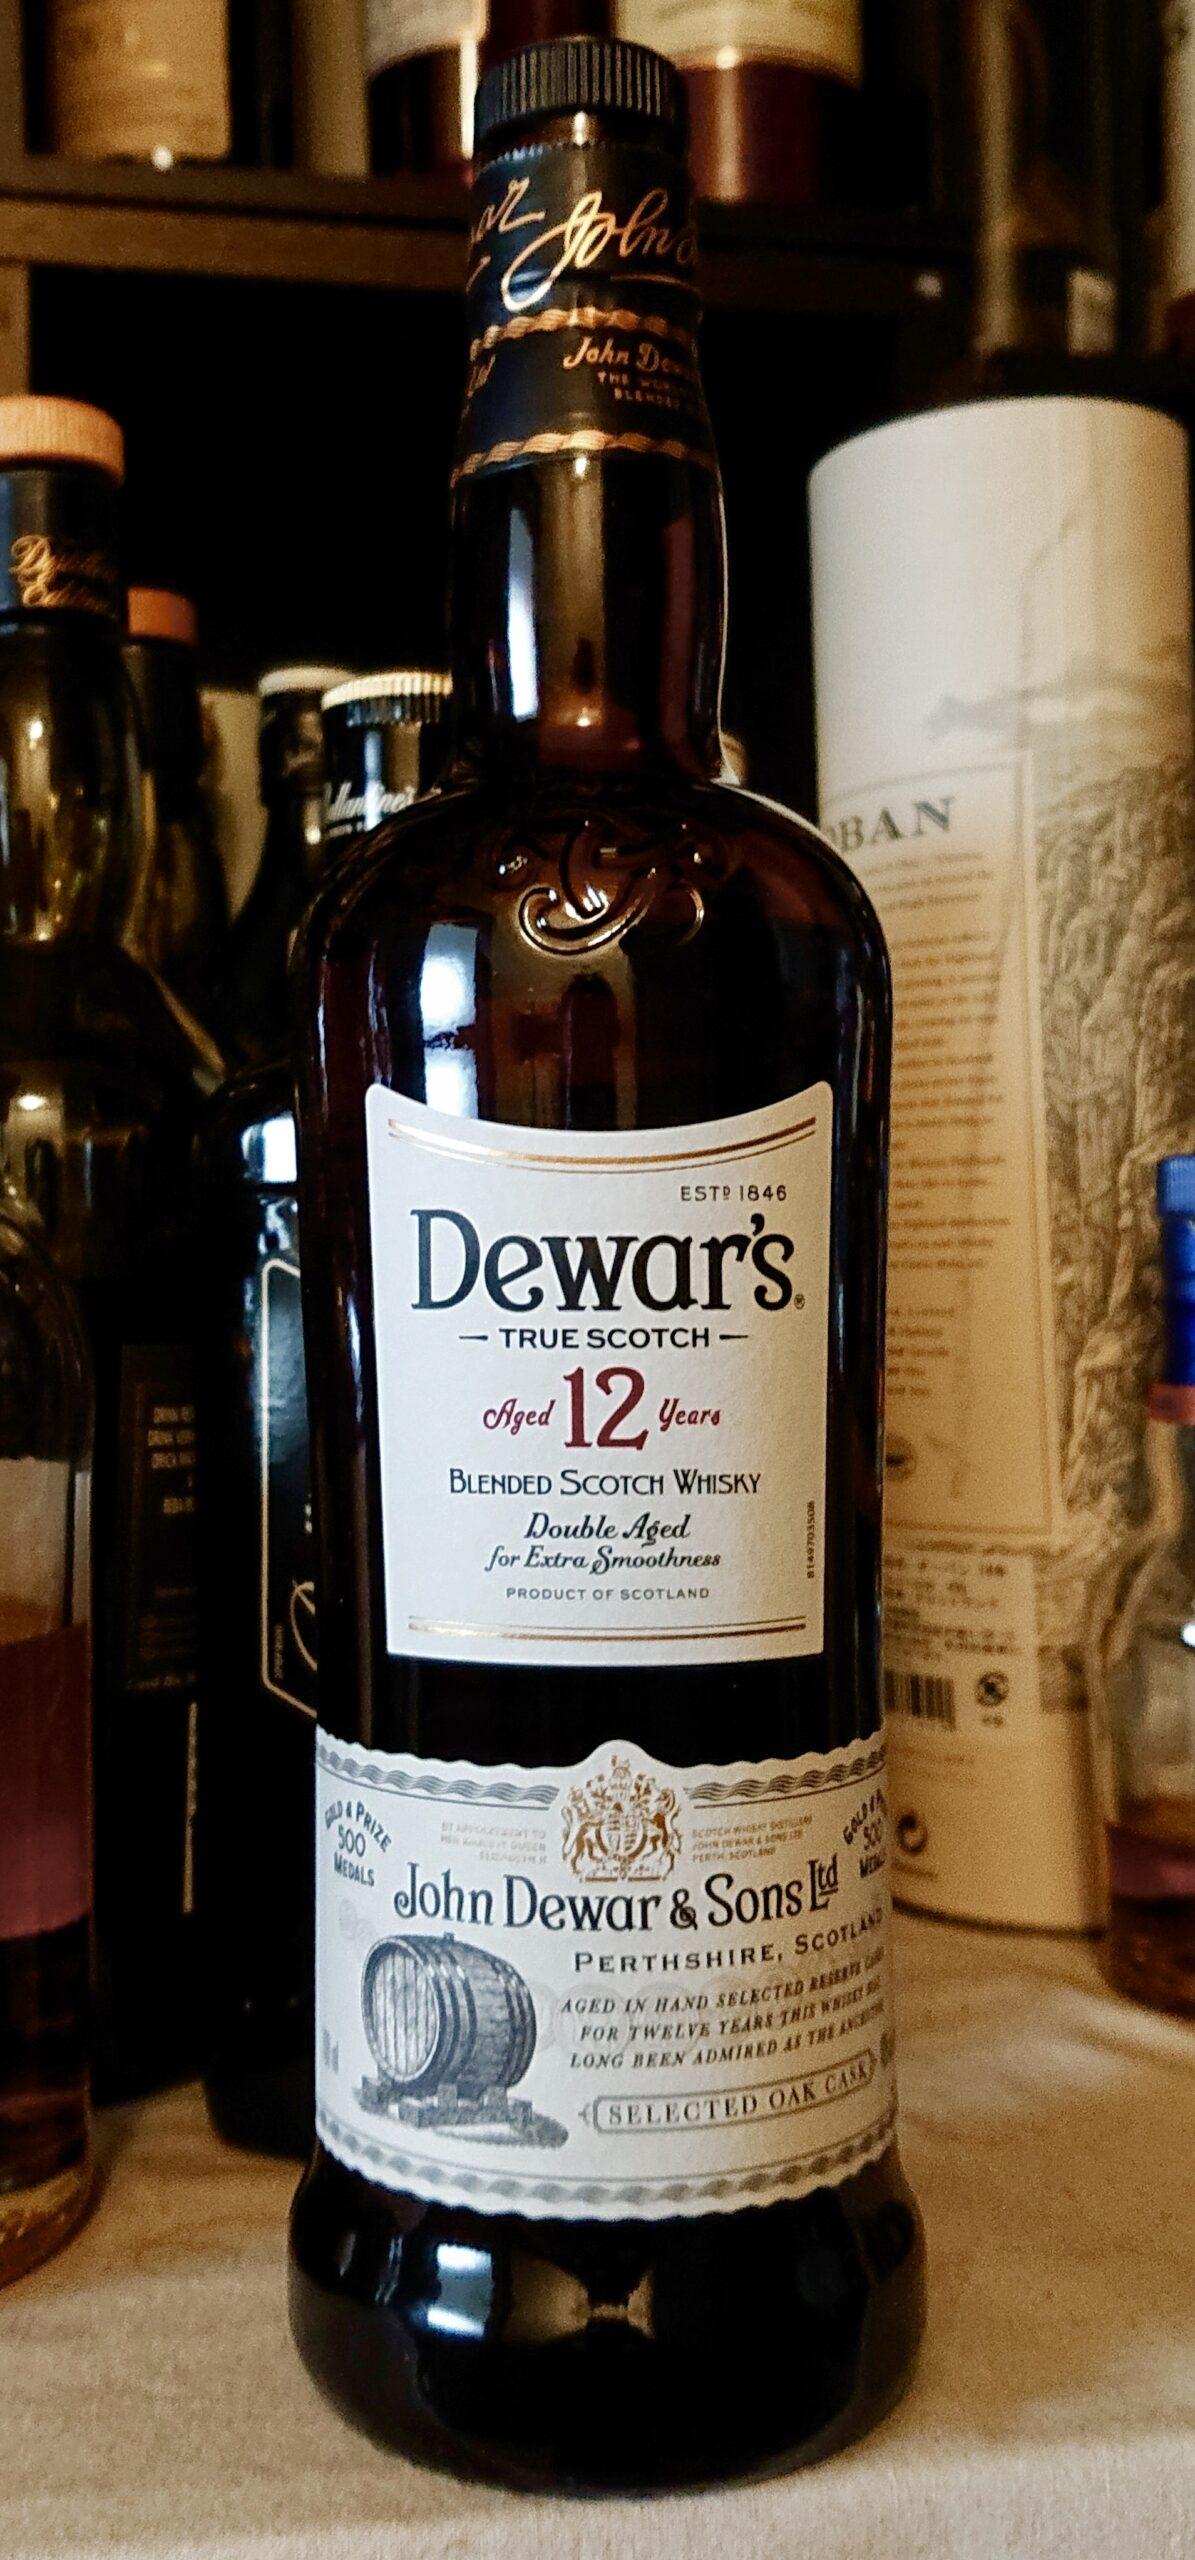 デュワーズ12年のテイスティング&レヴュー・デュワーズの進化系、ハチミツの甘味豊かな本格デザートスコッチ!